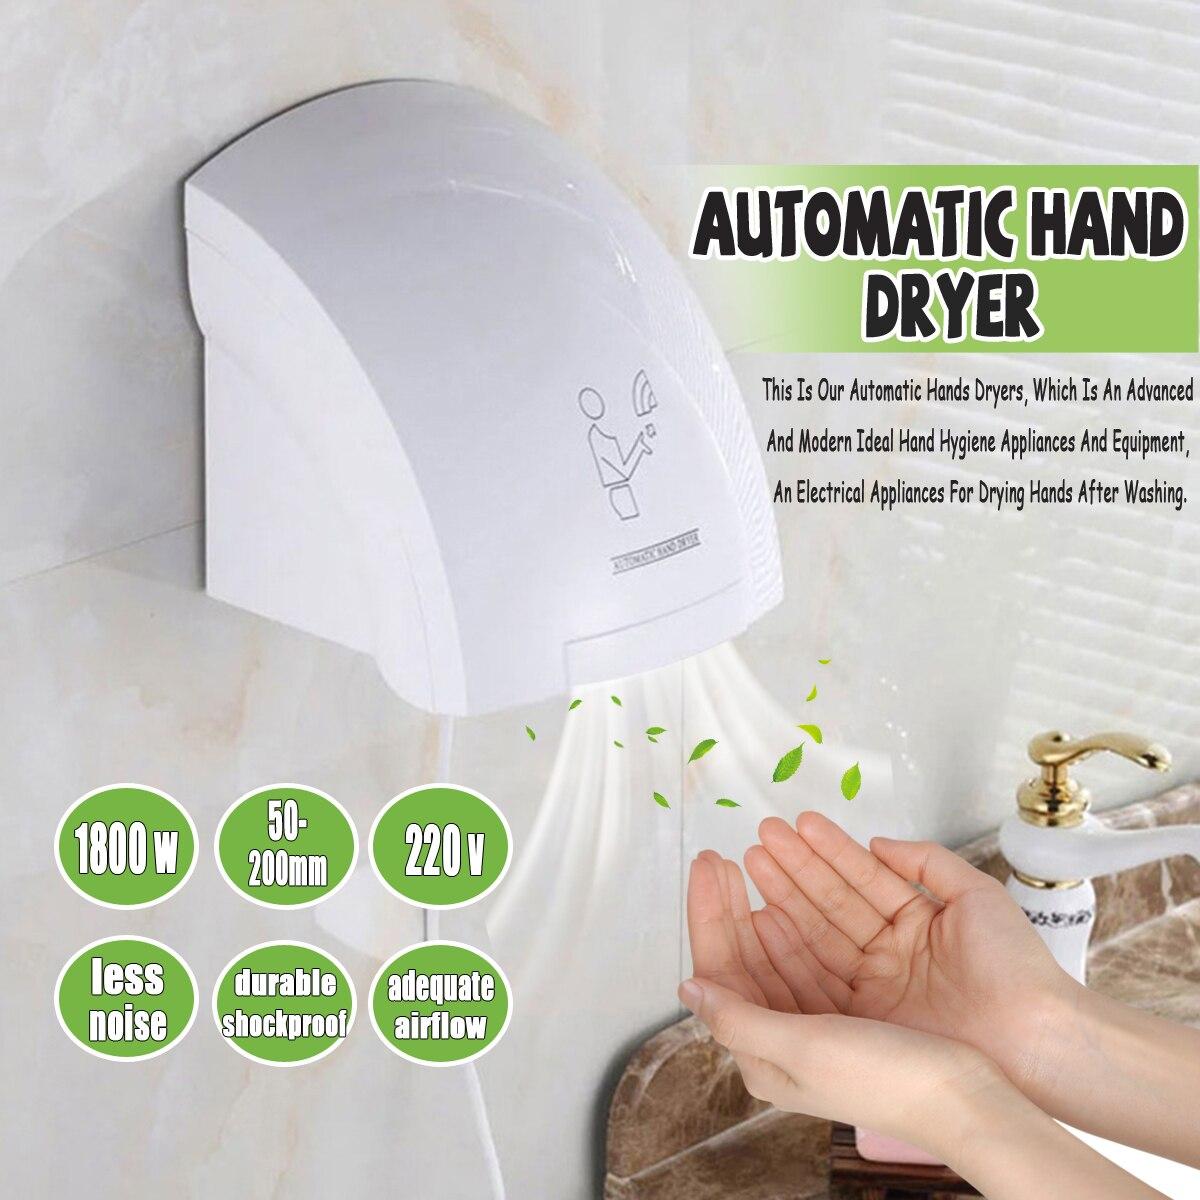 1800 w AU Main Sèche-Ménage Hôtel Automatique InductionInfared Capteur Muet Salle De Bains Toilettes Chaude Vent Main Séchage Machine